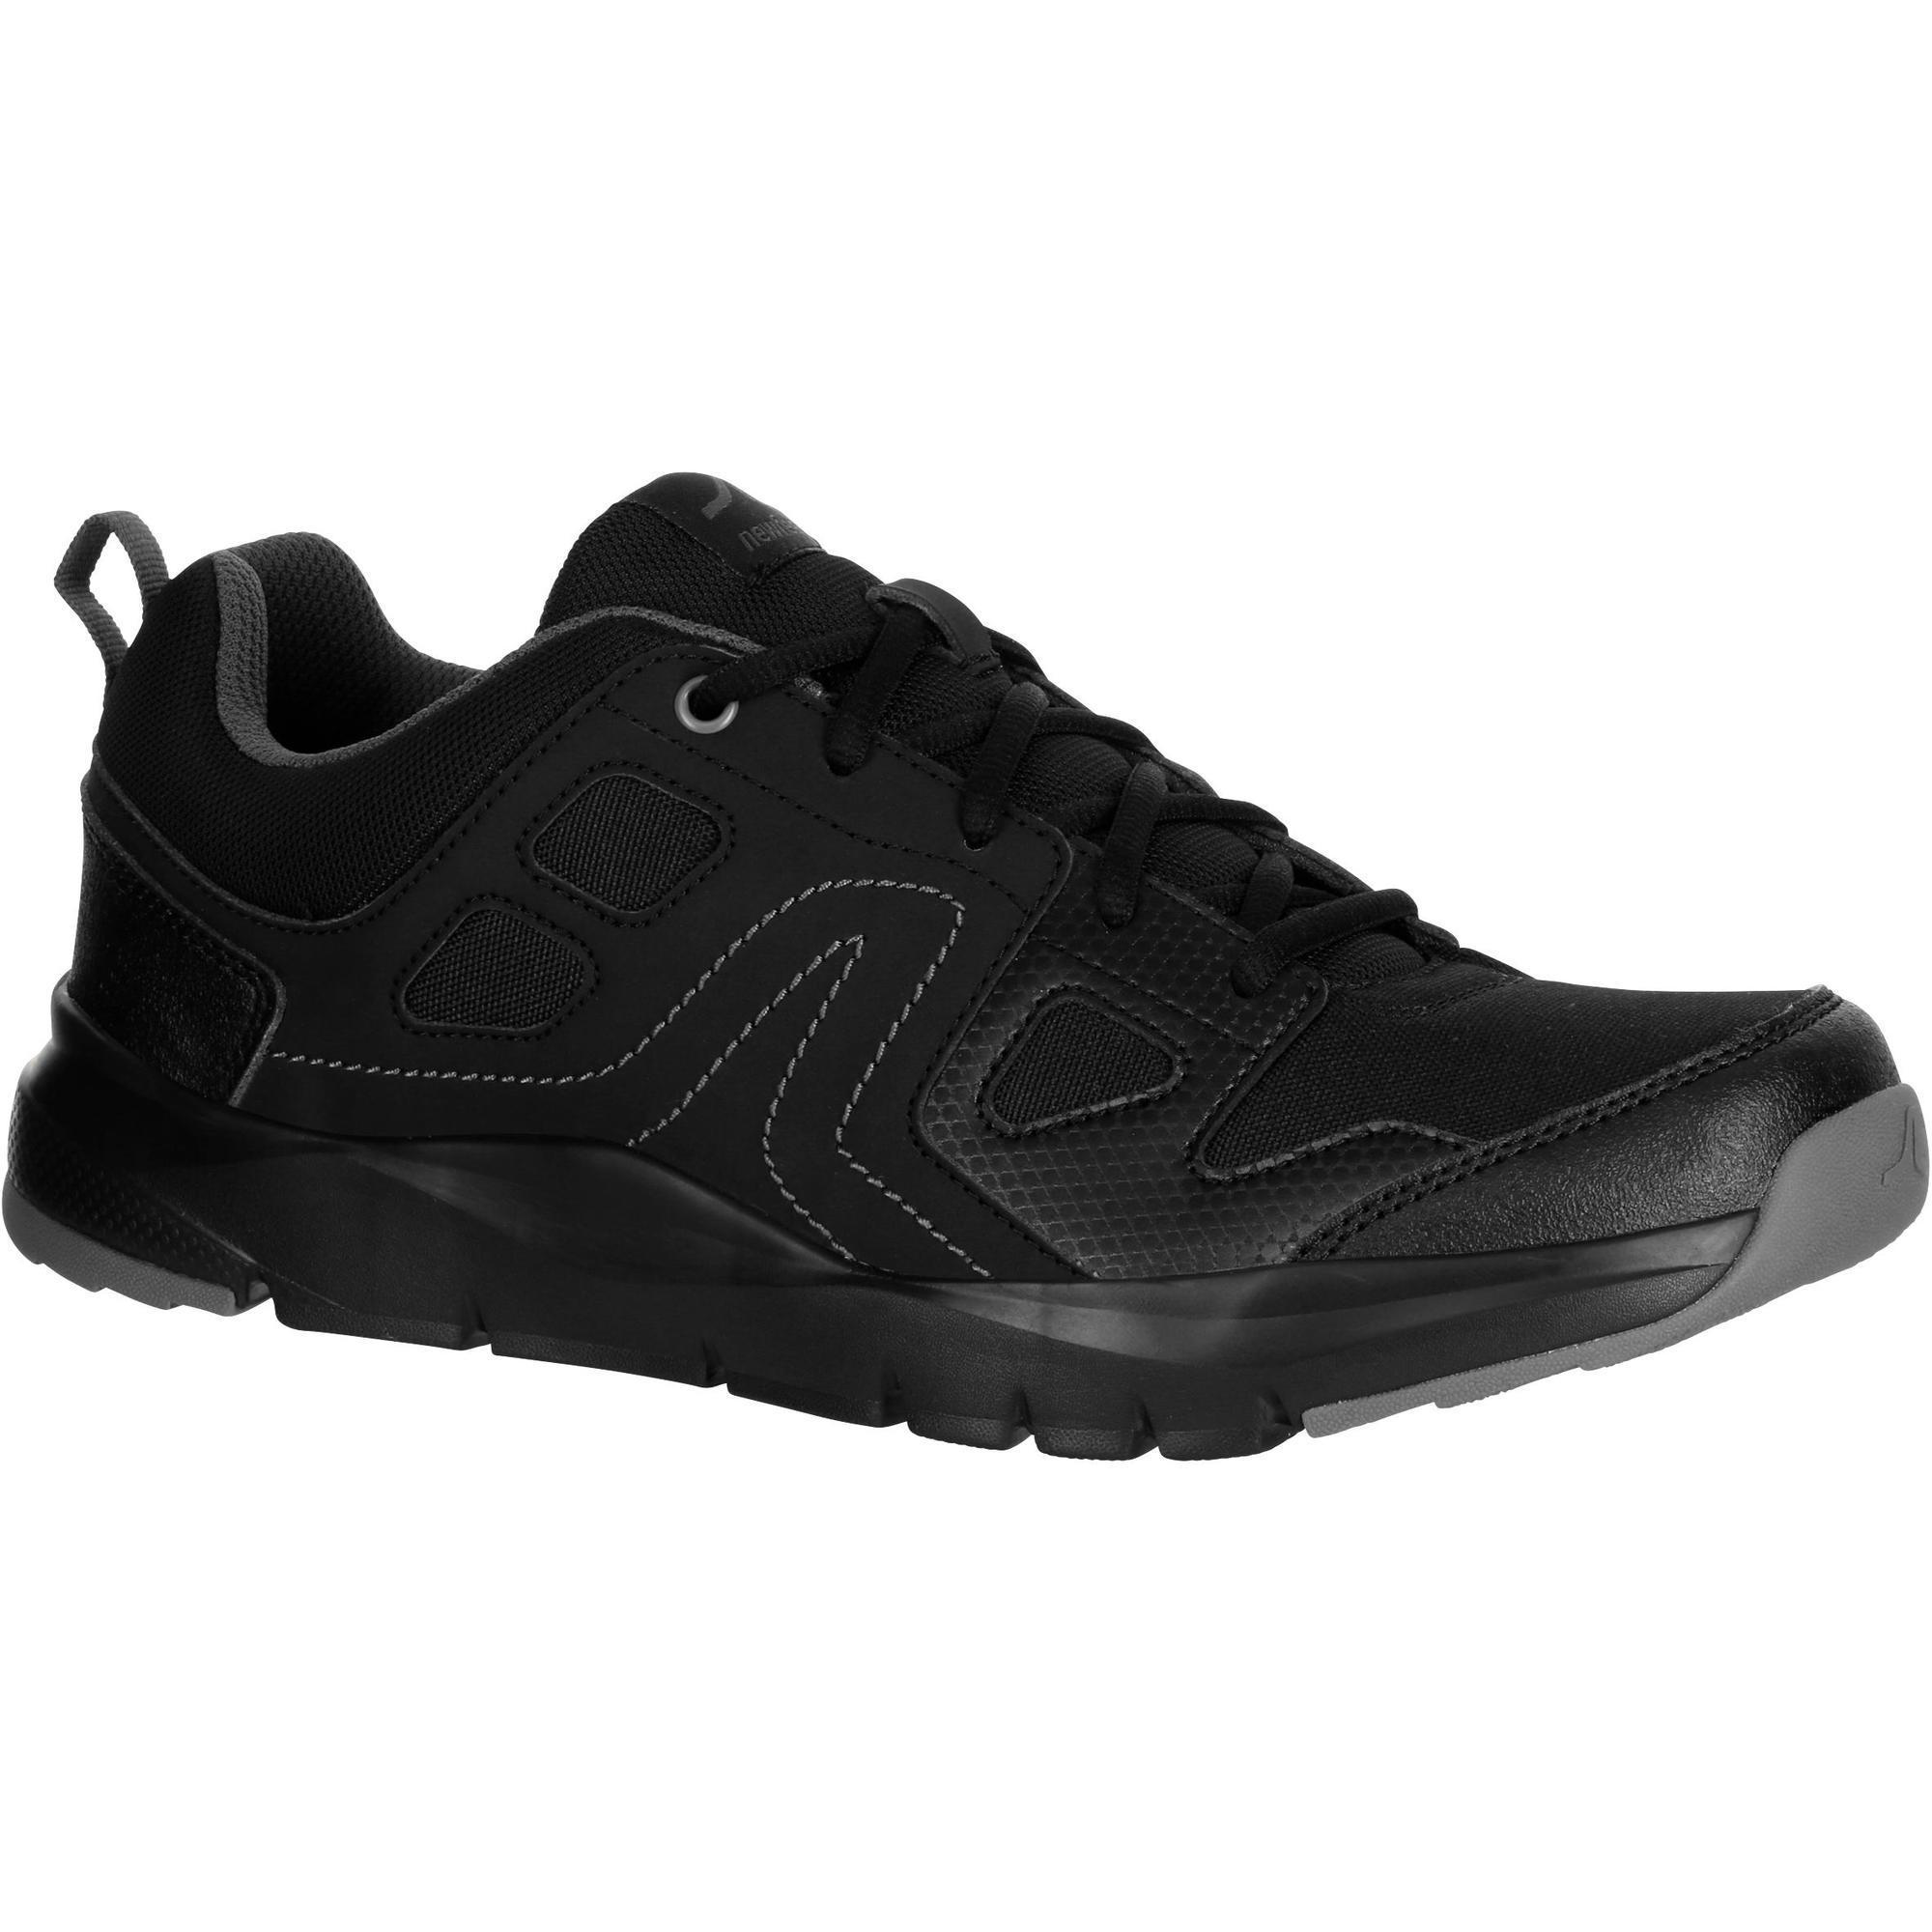 online store b35b9 a1201 Zapatillas de marcha deportiva para hombre HW 100 negro Newfeel   Decathlon